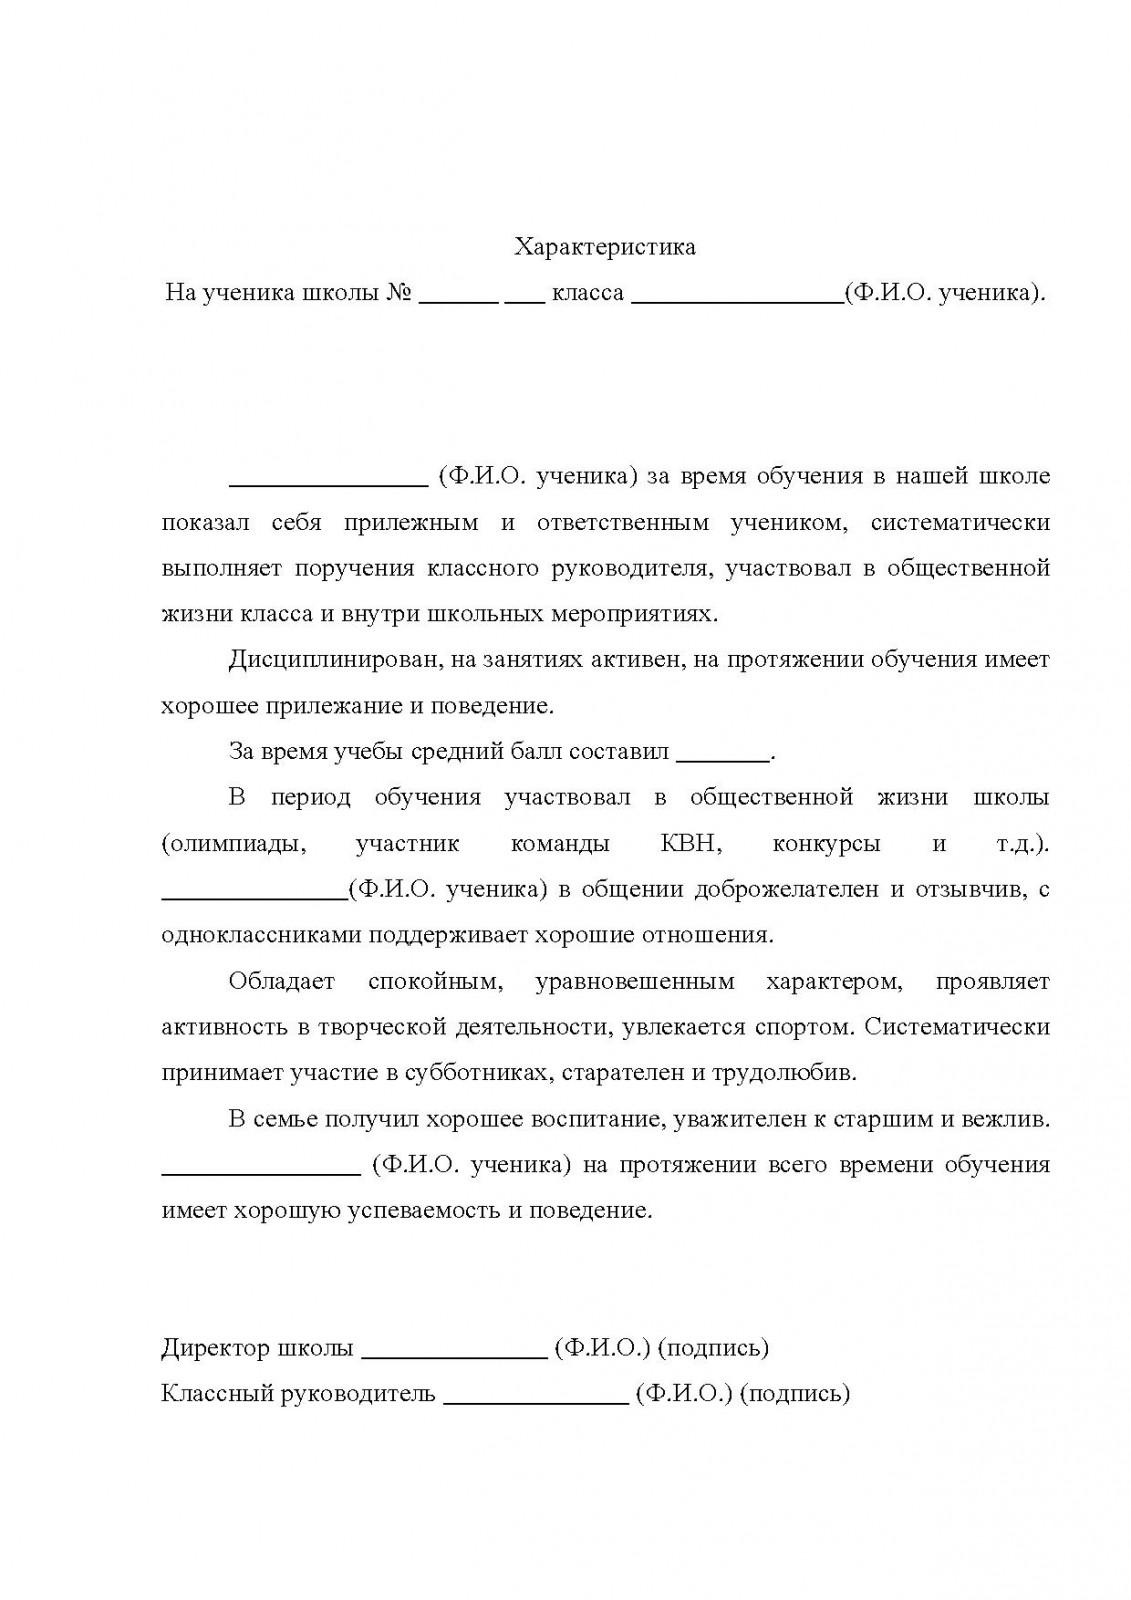 harakteristika-na-uchenika-8-klassa-ot-klassnogo-rukovoditelya